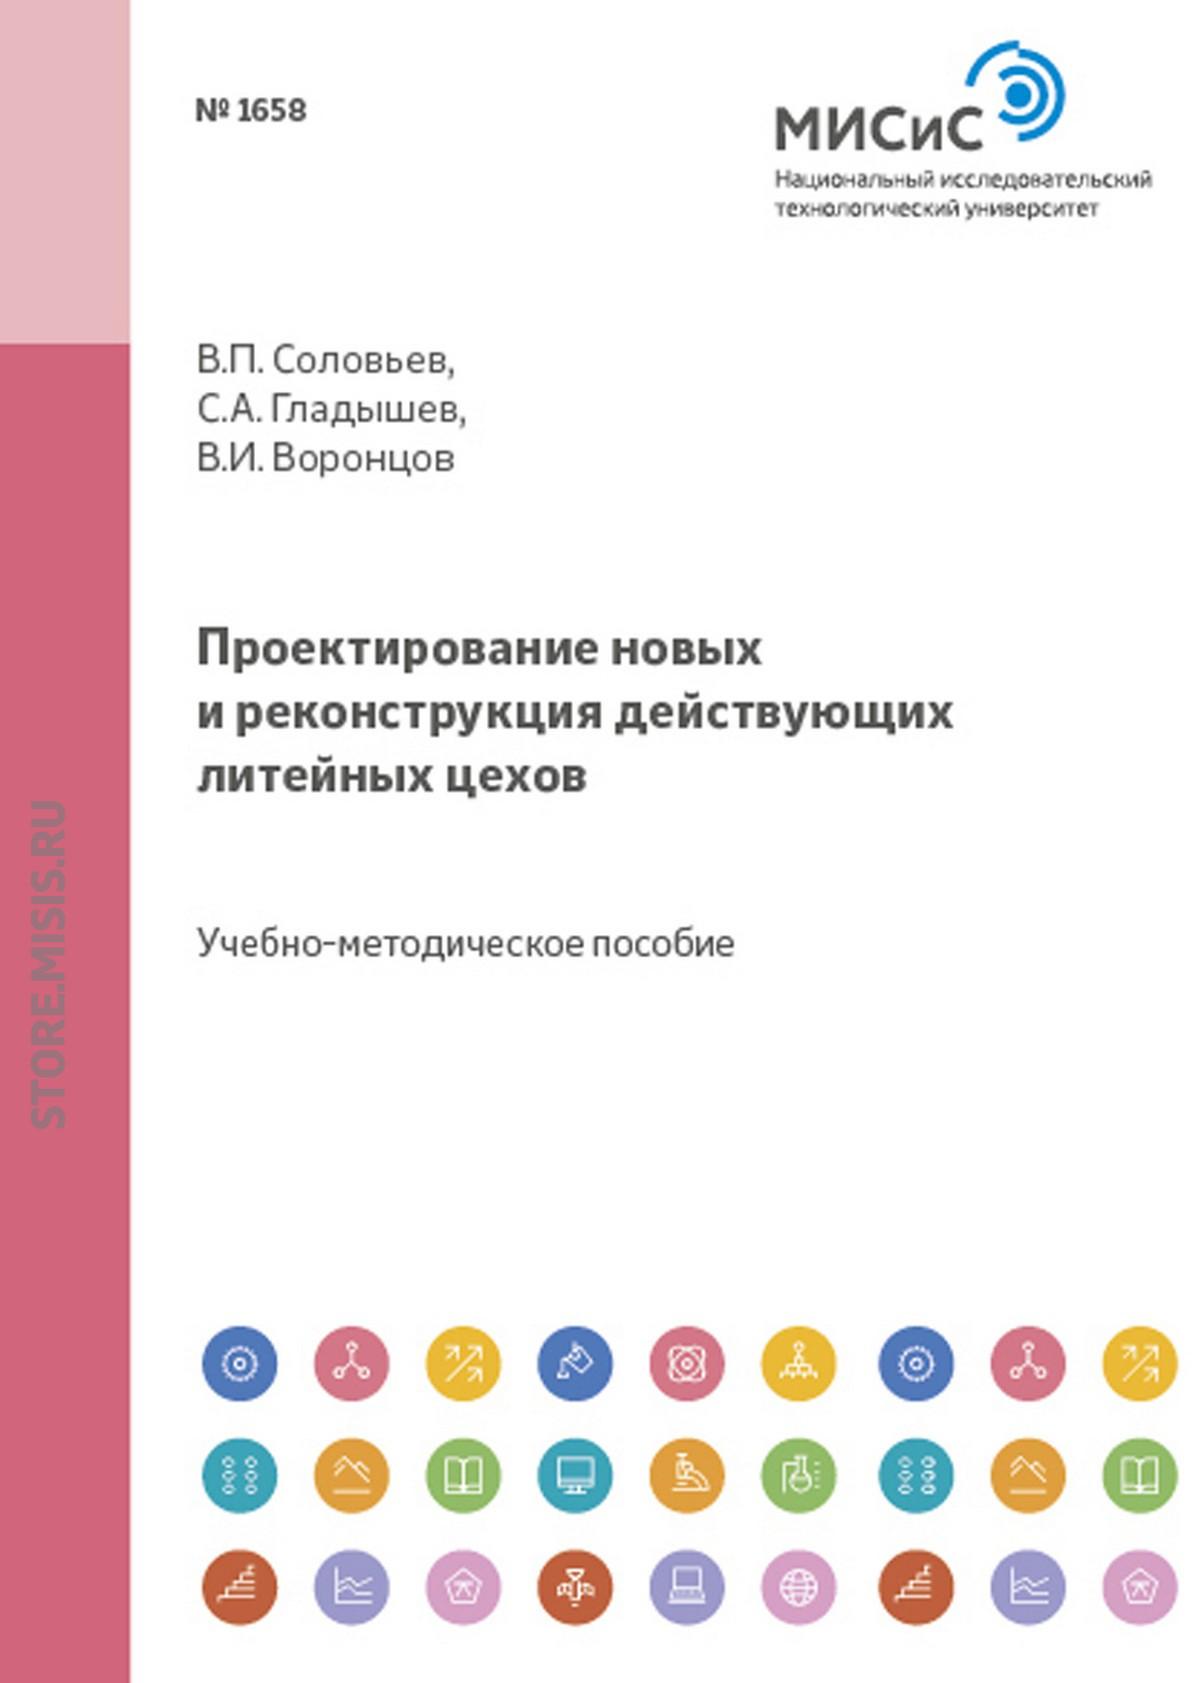 Виктор Соловьев Проектирование новых и реконструкция действующих литейных цехов